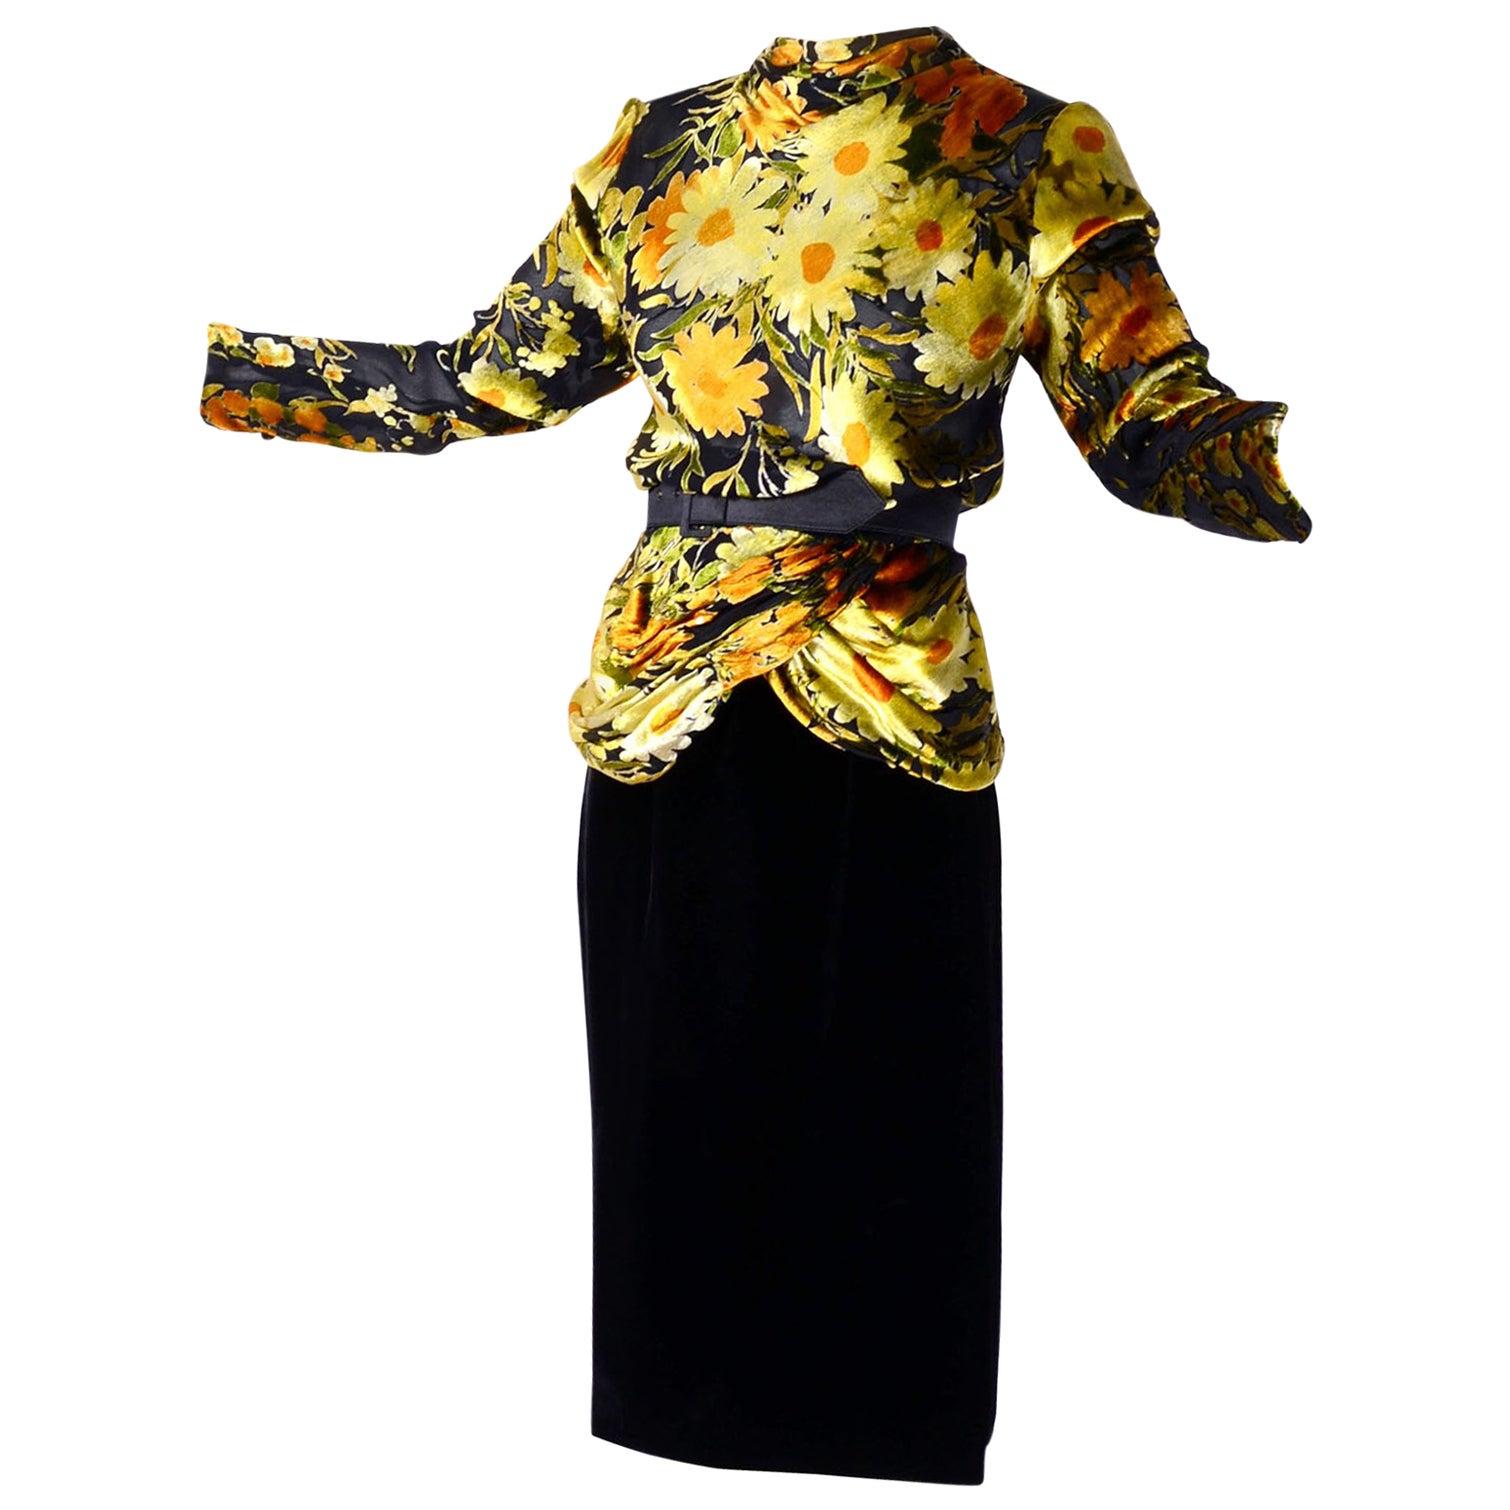 Valentino Vintage 2 Piece Dress Yellow Burn Out Velvet Top & Black Velvet Skirt